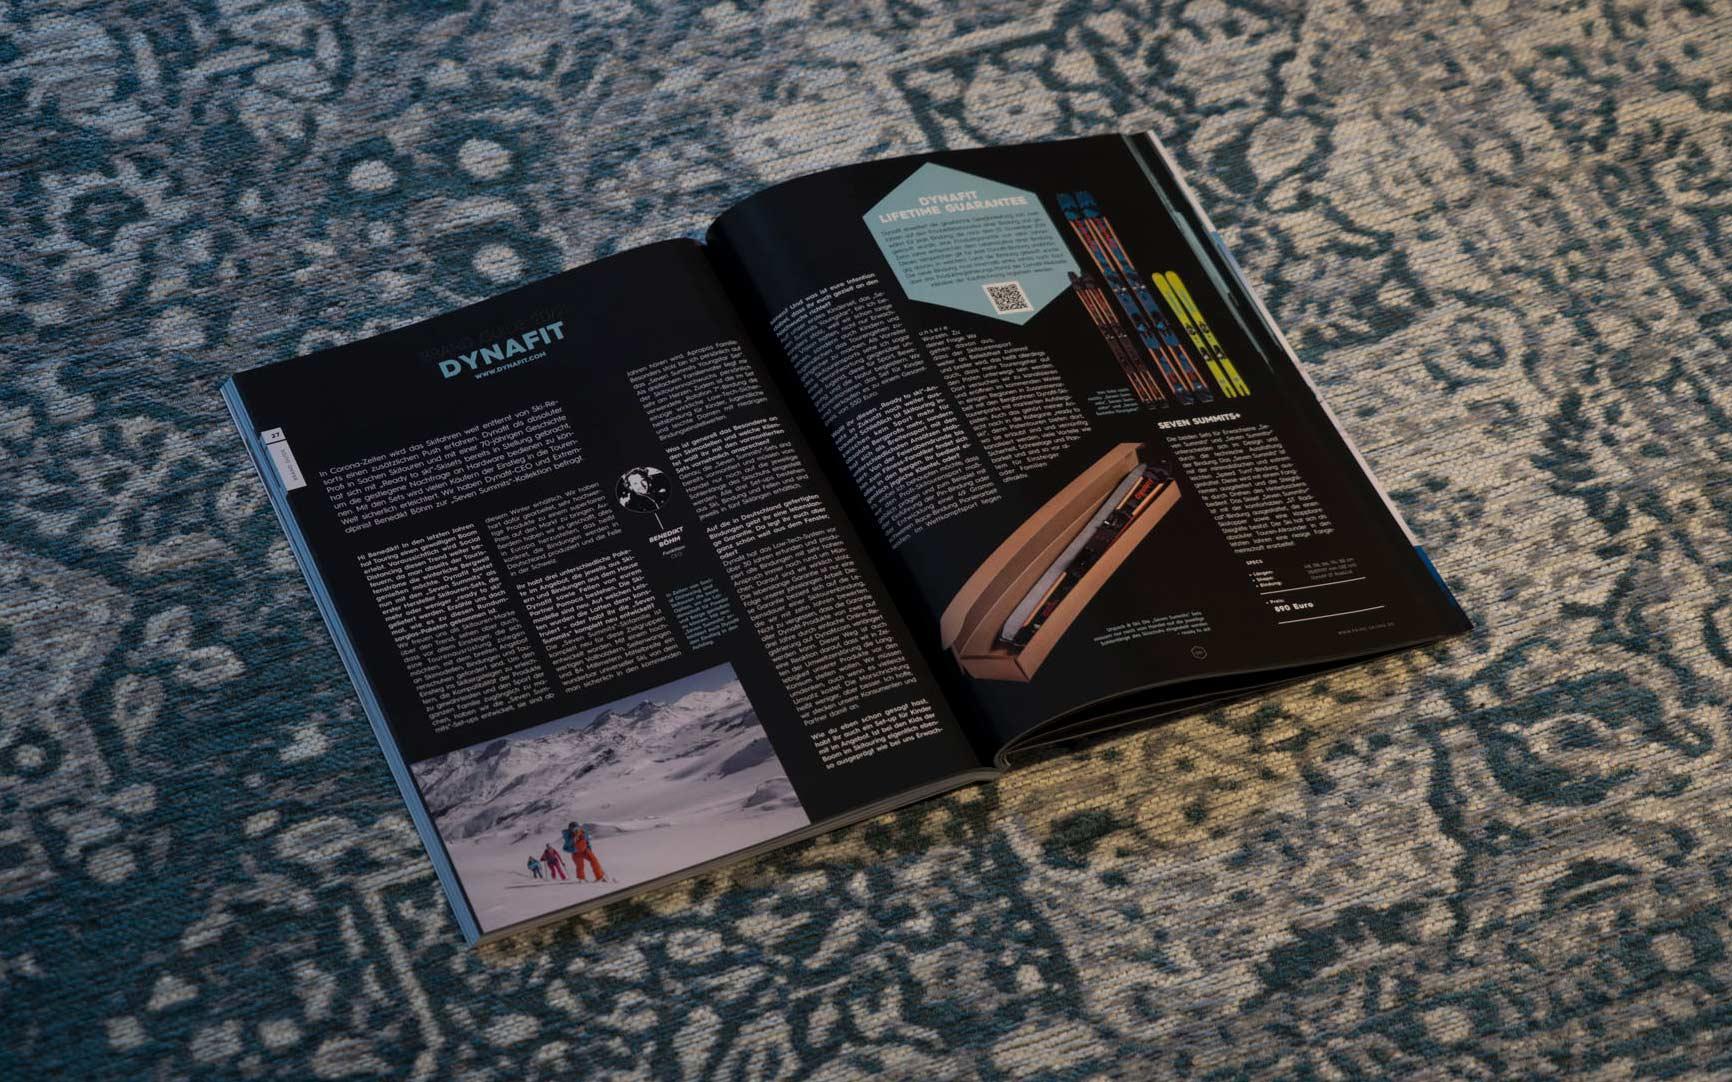 Dynafit in der PRIME Skiing Brandguide 2021 Printausgabe